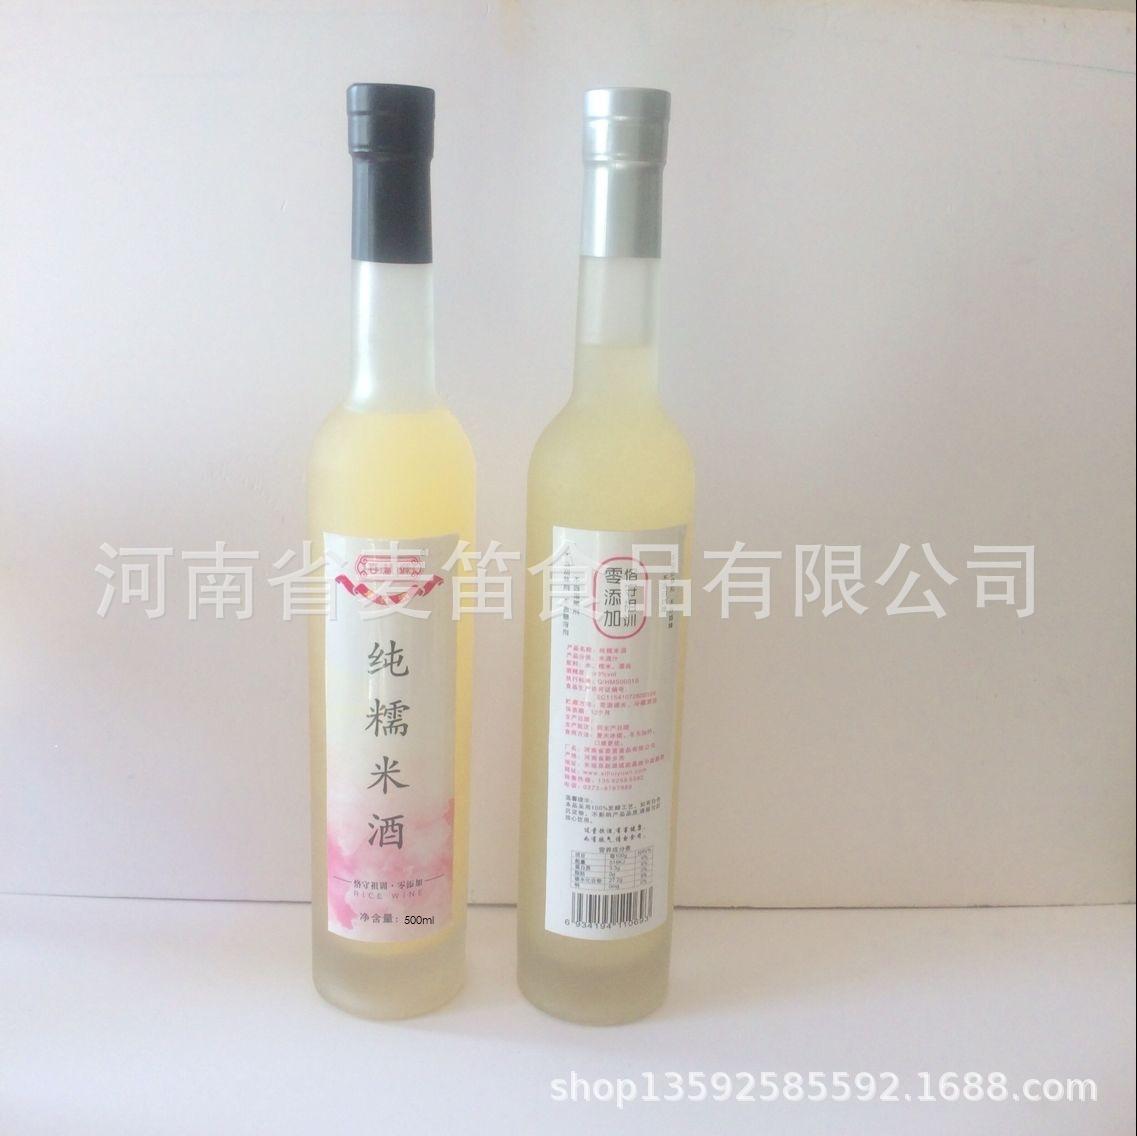 厂家直销河南米酒原浆纯糯米酒500ml瓶装酒厂OEM贴牌销售